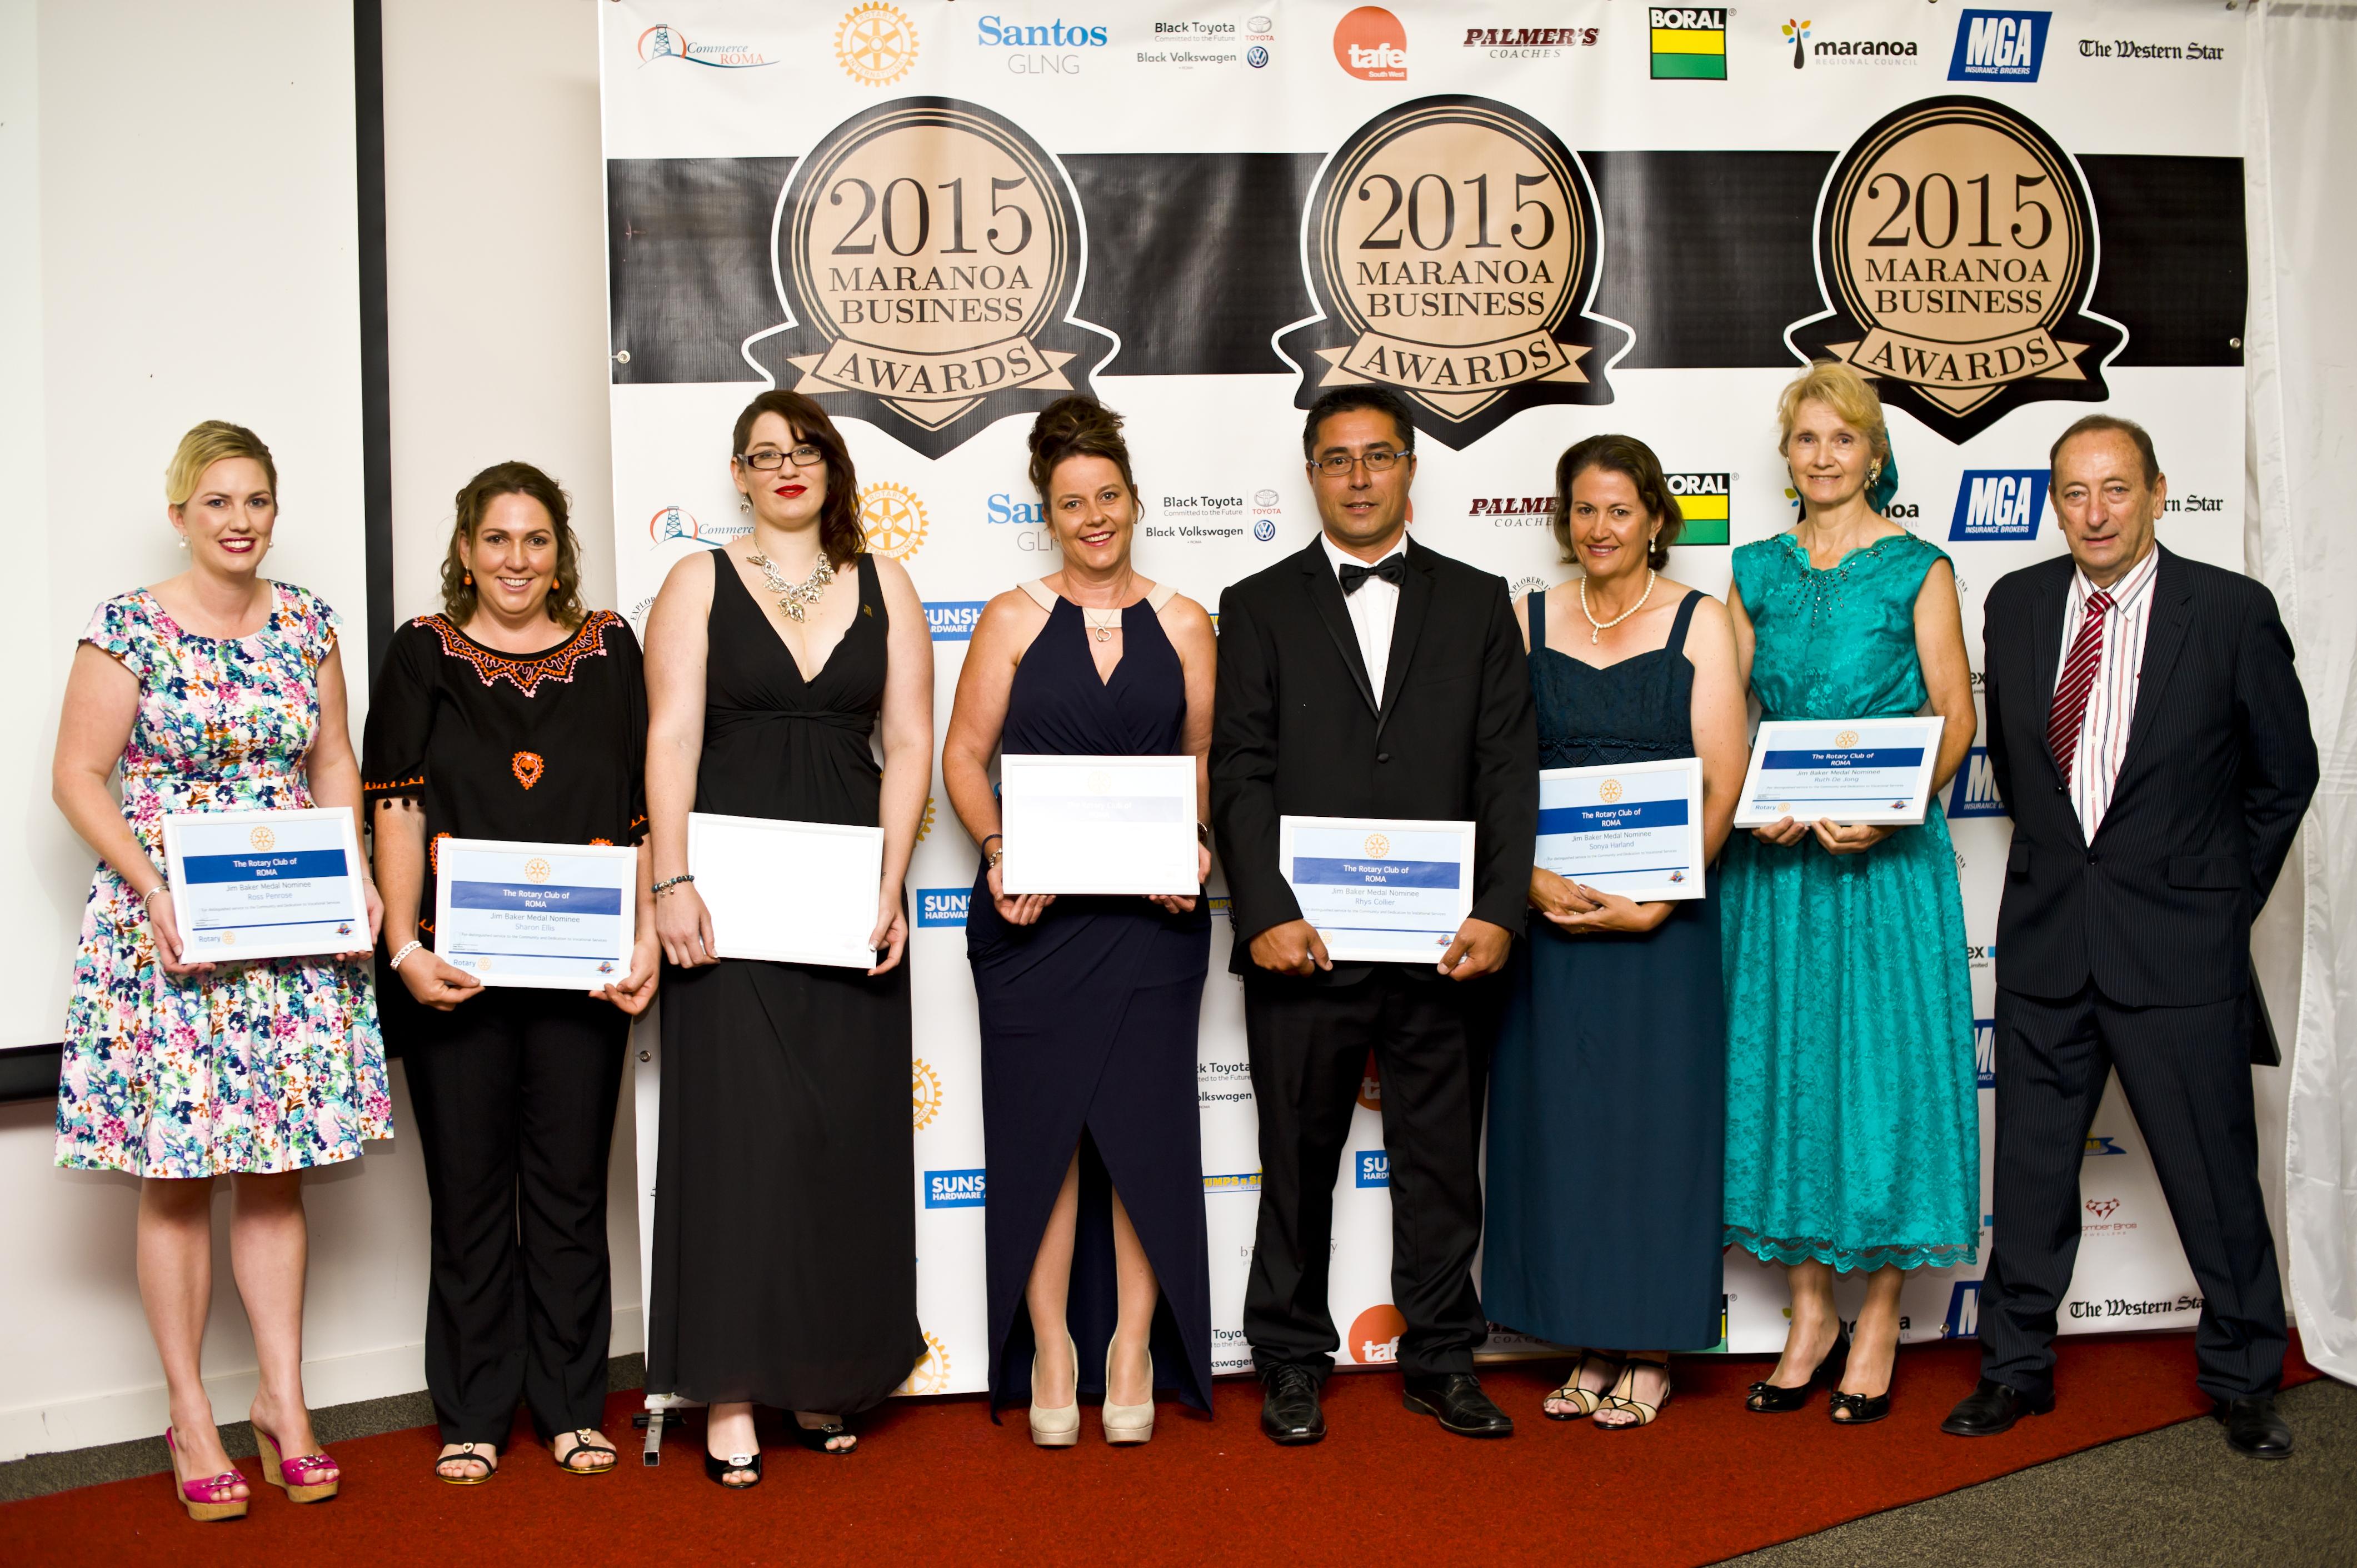 040_Maranoa Bus Awards